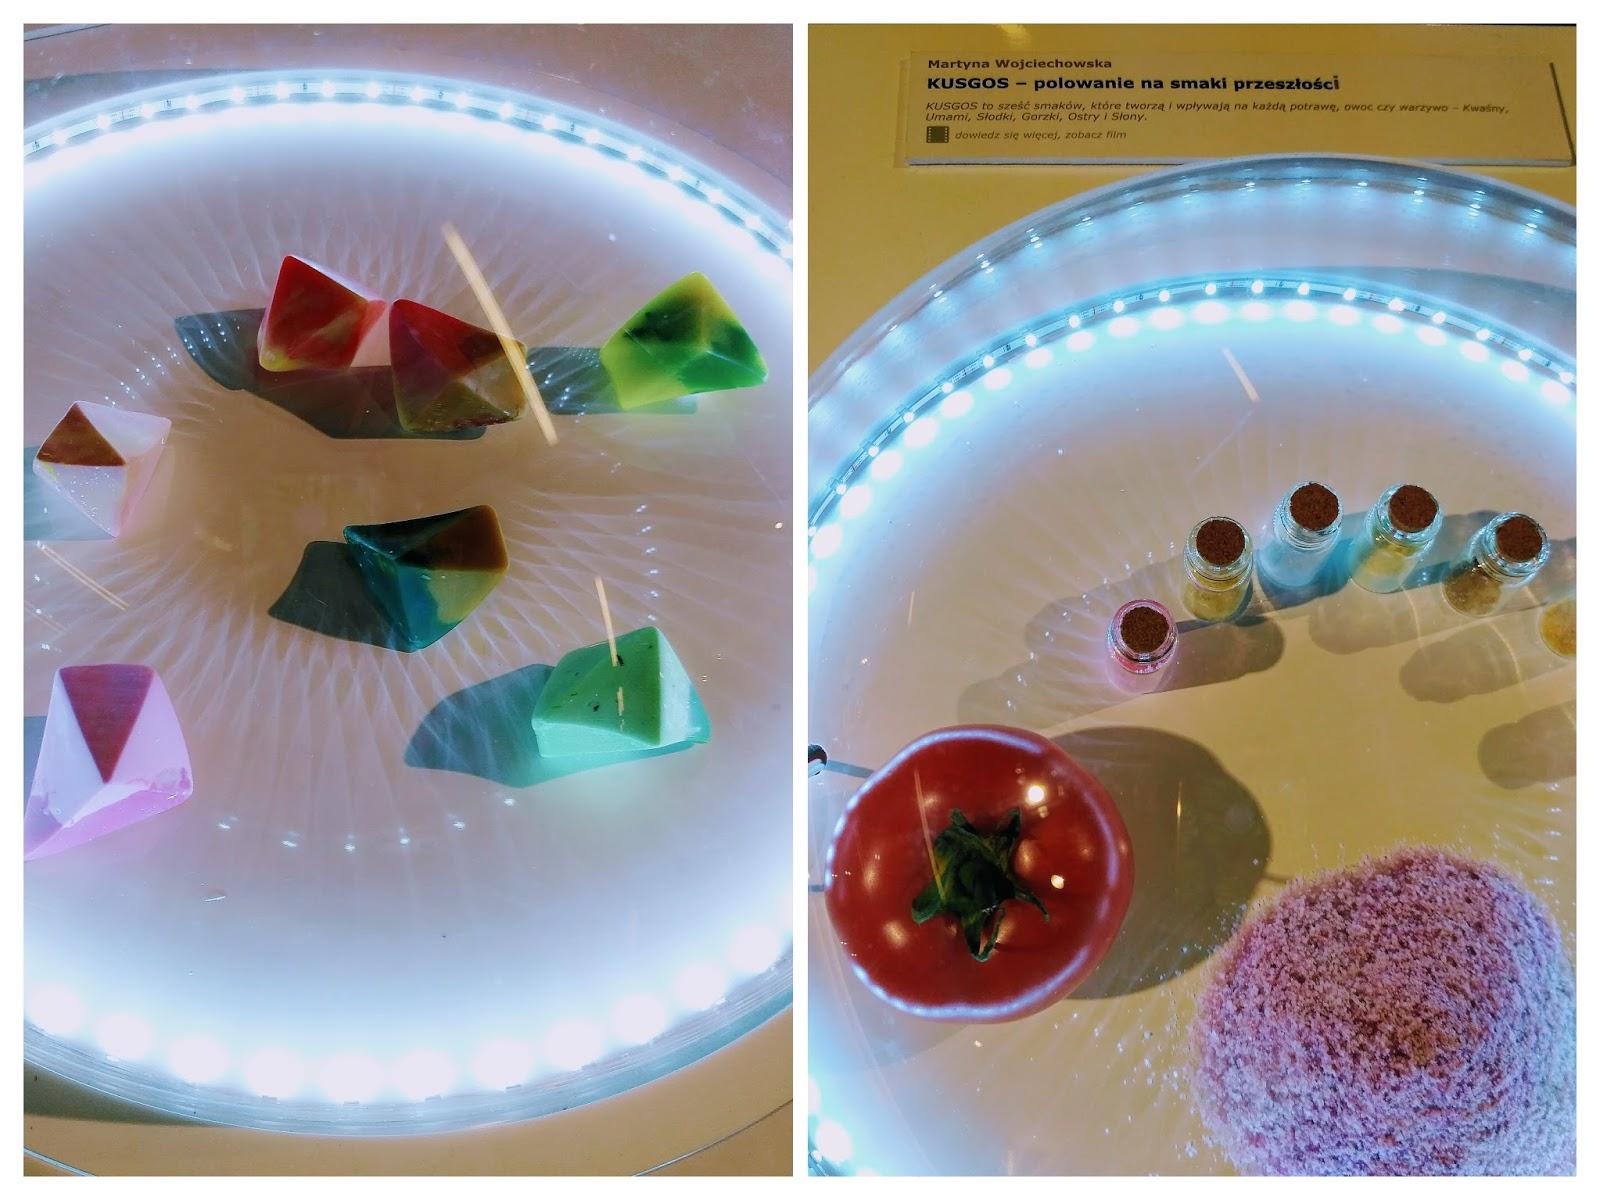 łódź design festival 2017 jedzenie przyszłości